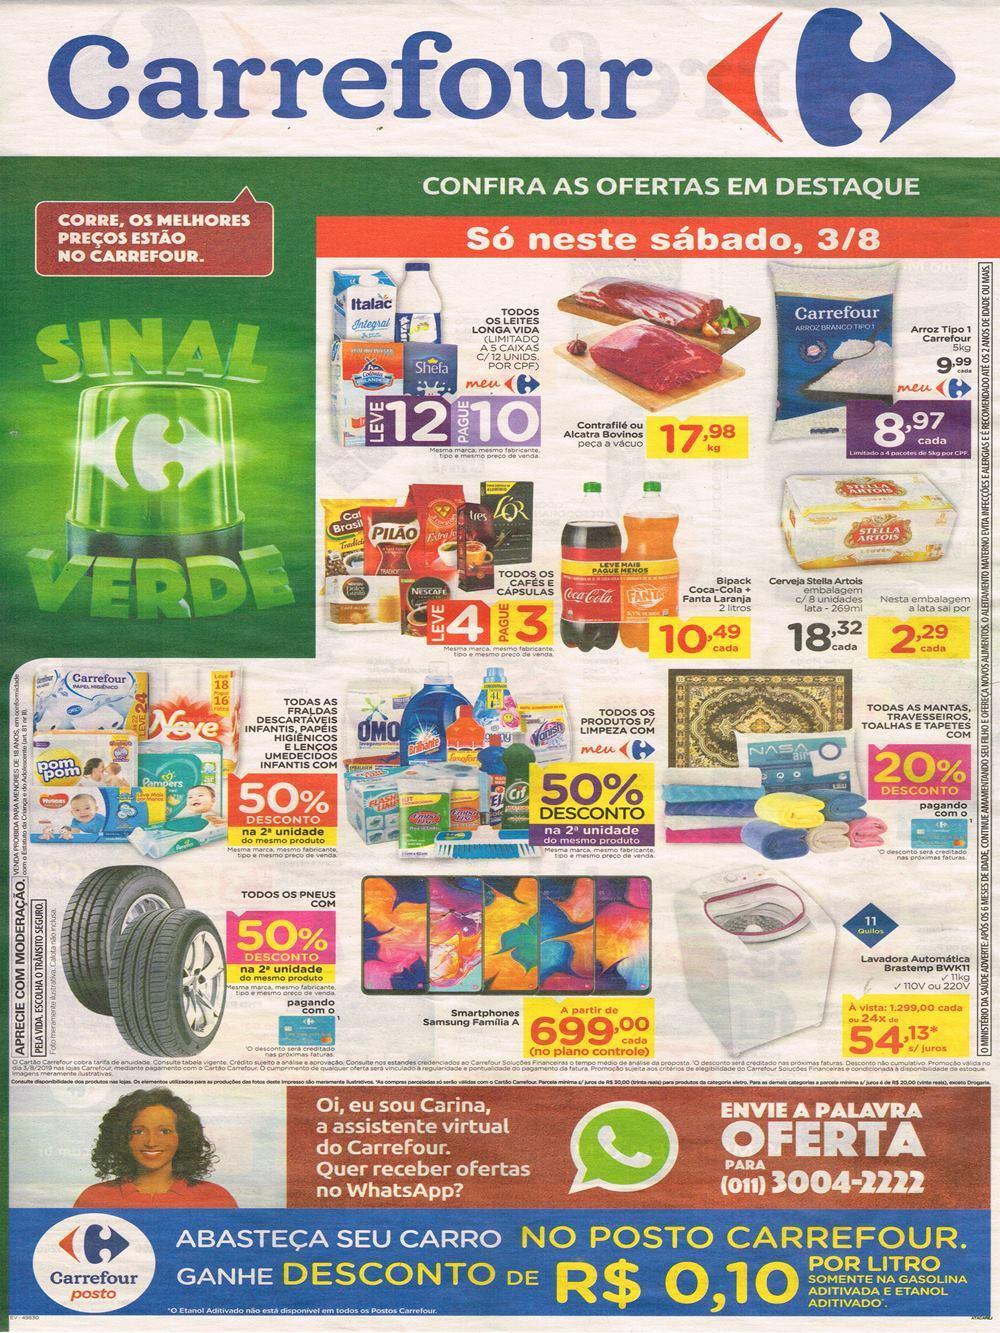 CARREFOUR-SINAL-VERDE Sinal Verde Carrefour ofertas especiais para sábado e domingo 03 e 04/08